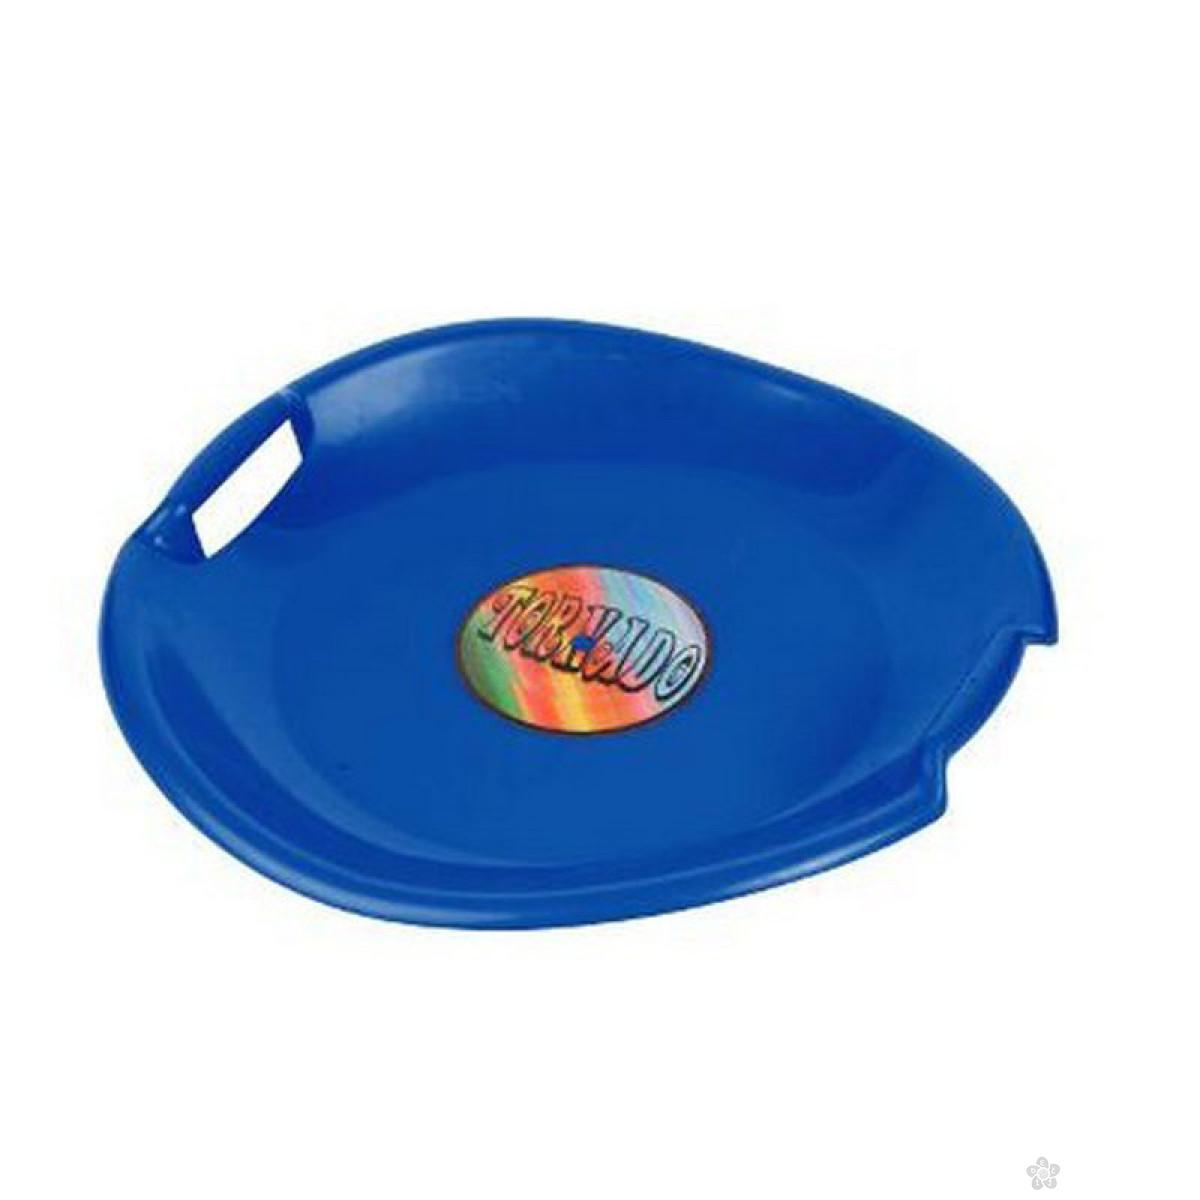 Klisko Plastkon Tornado blue